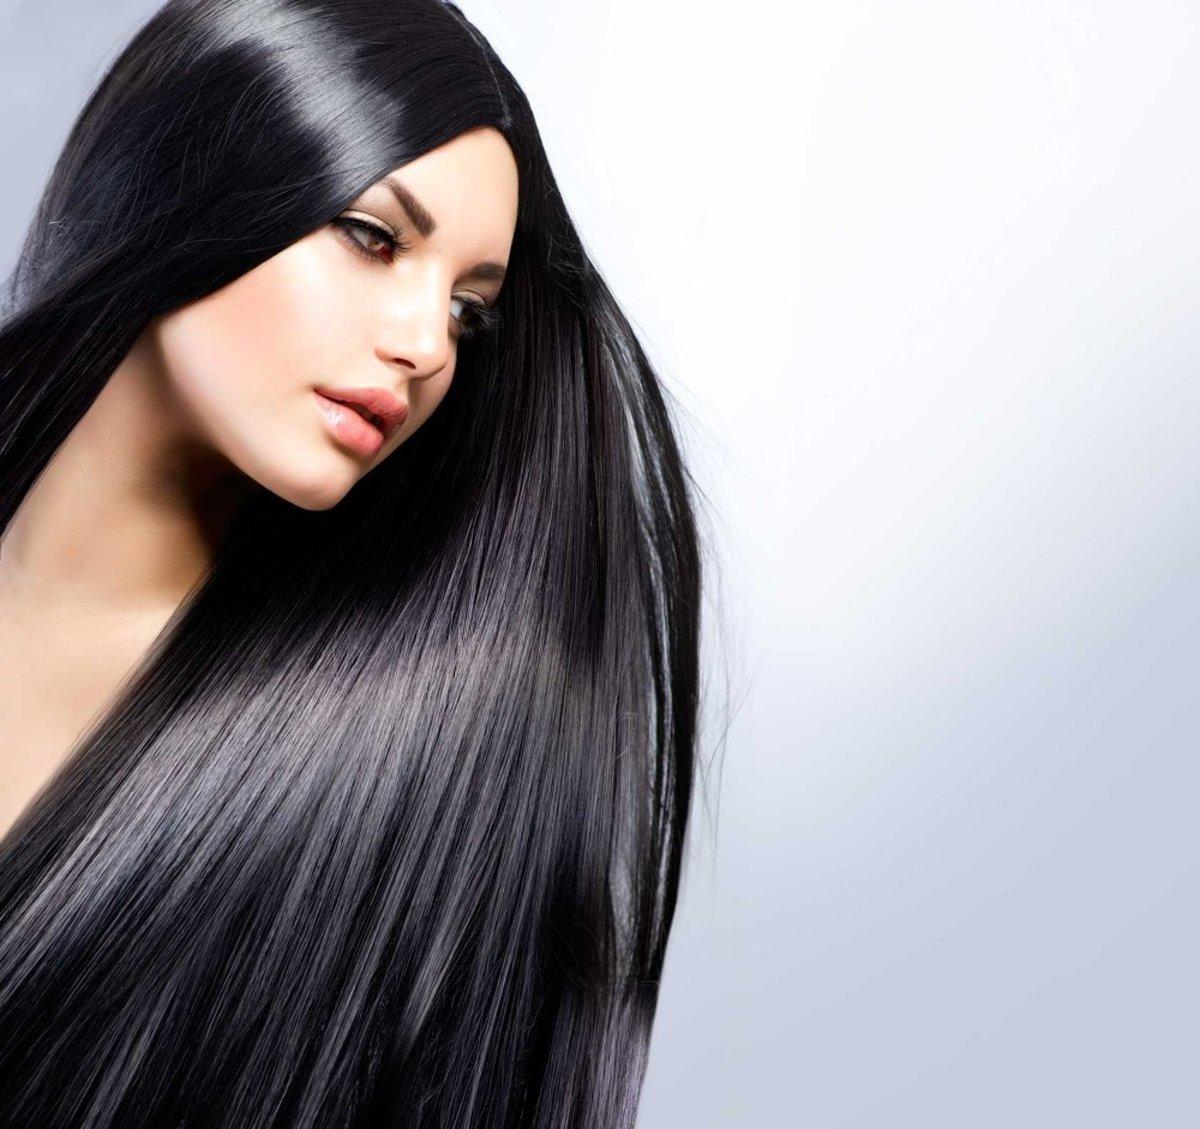 средства для восстановления поврежденных волос купить в интернет-магазине космогид